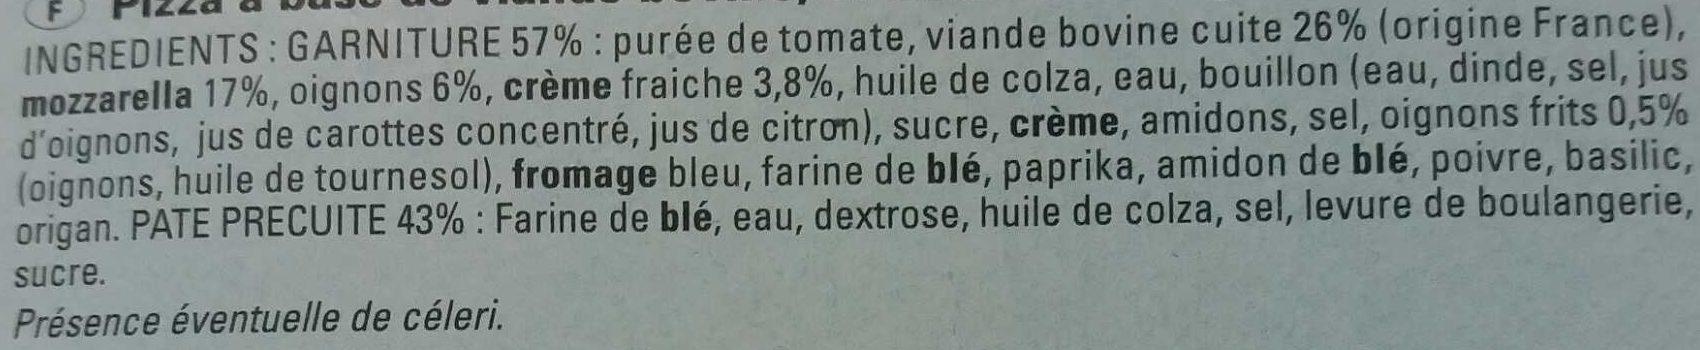 Pizza bolognaise - Ingrédients - fr